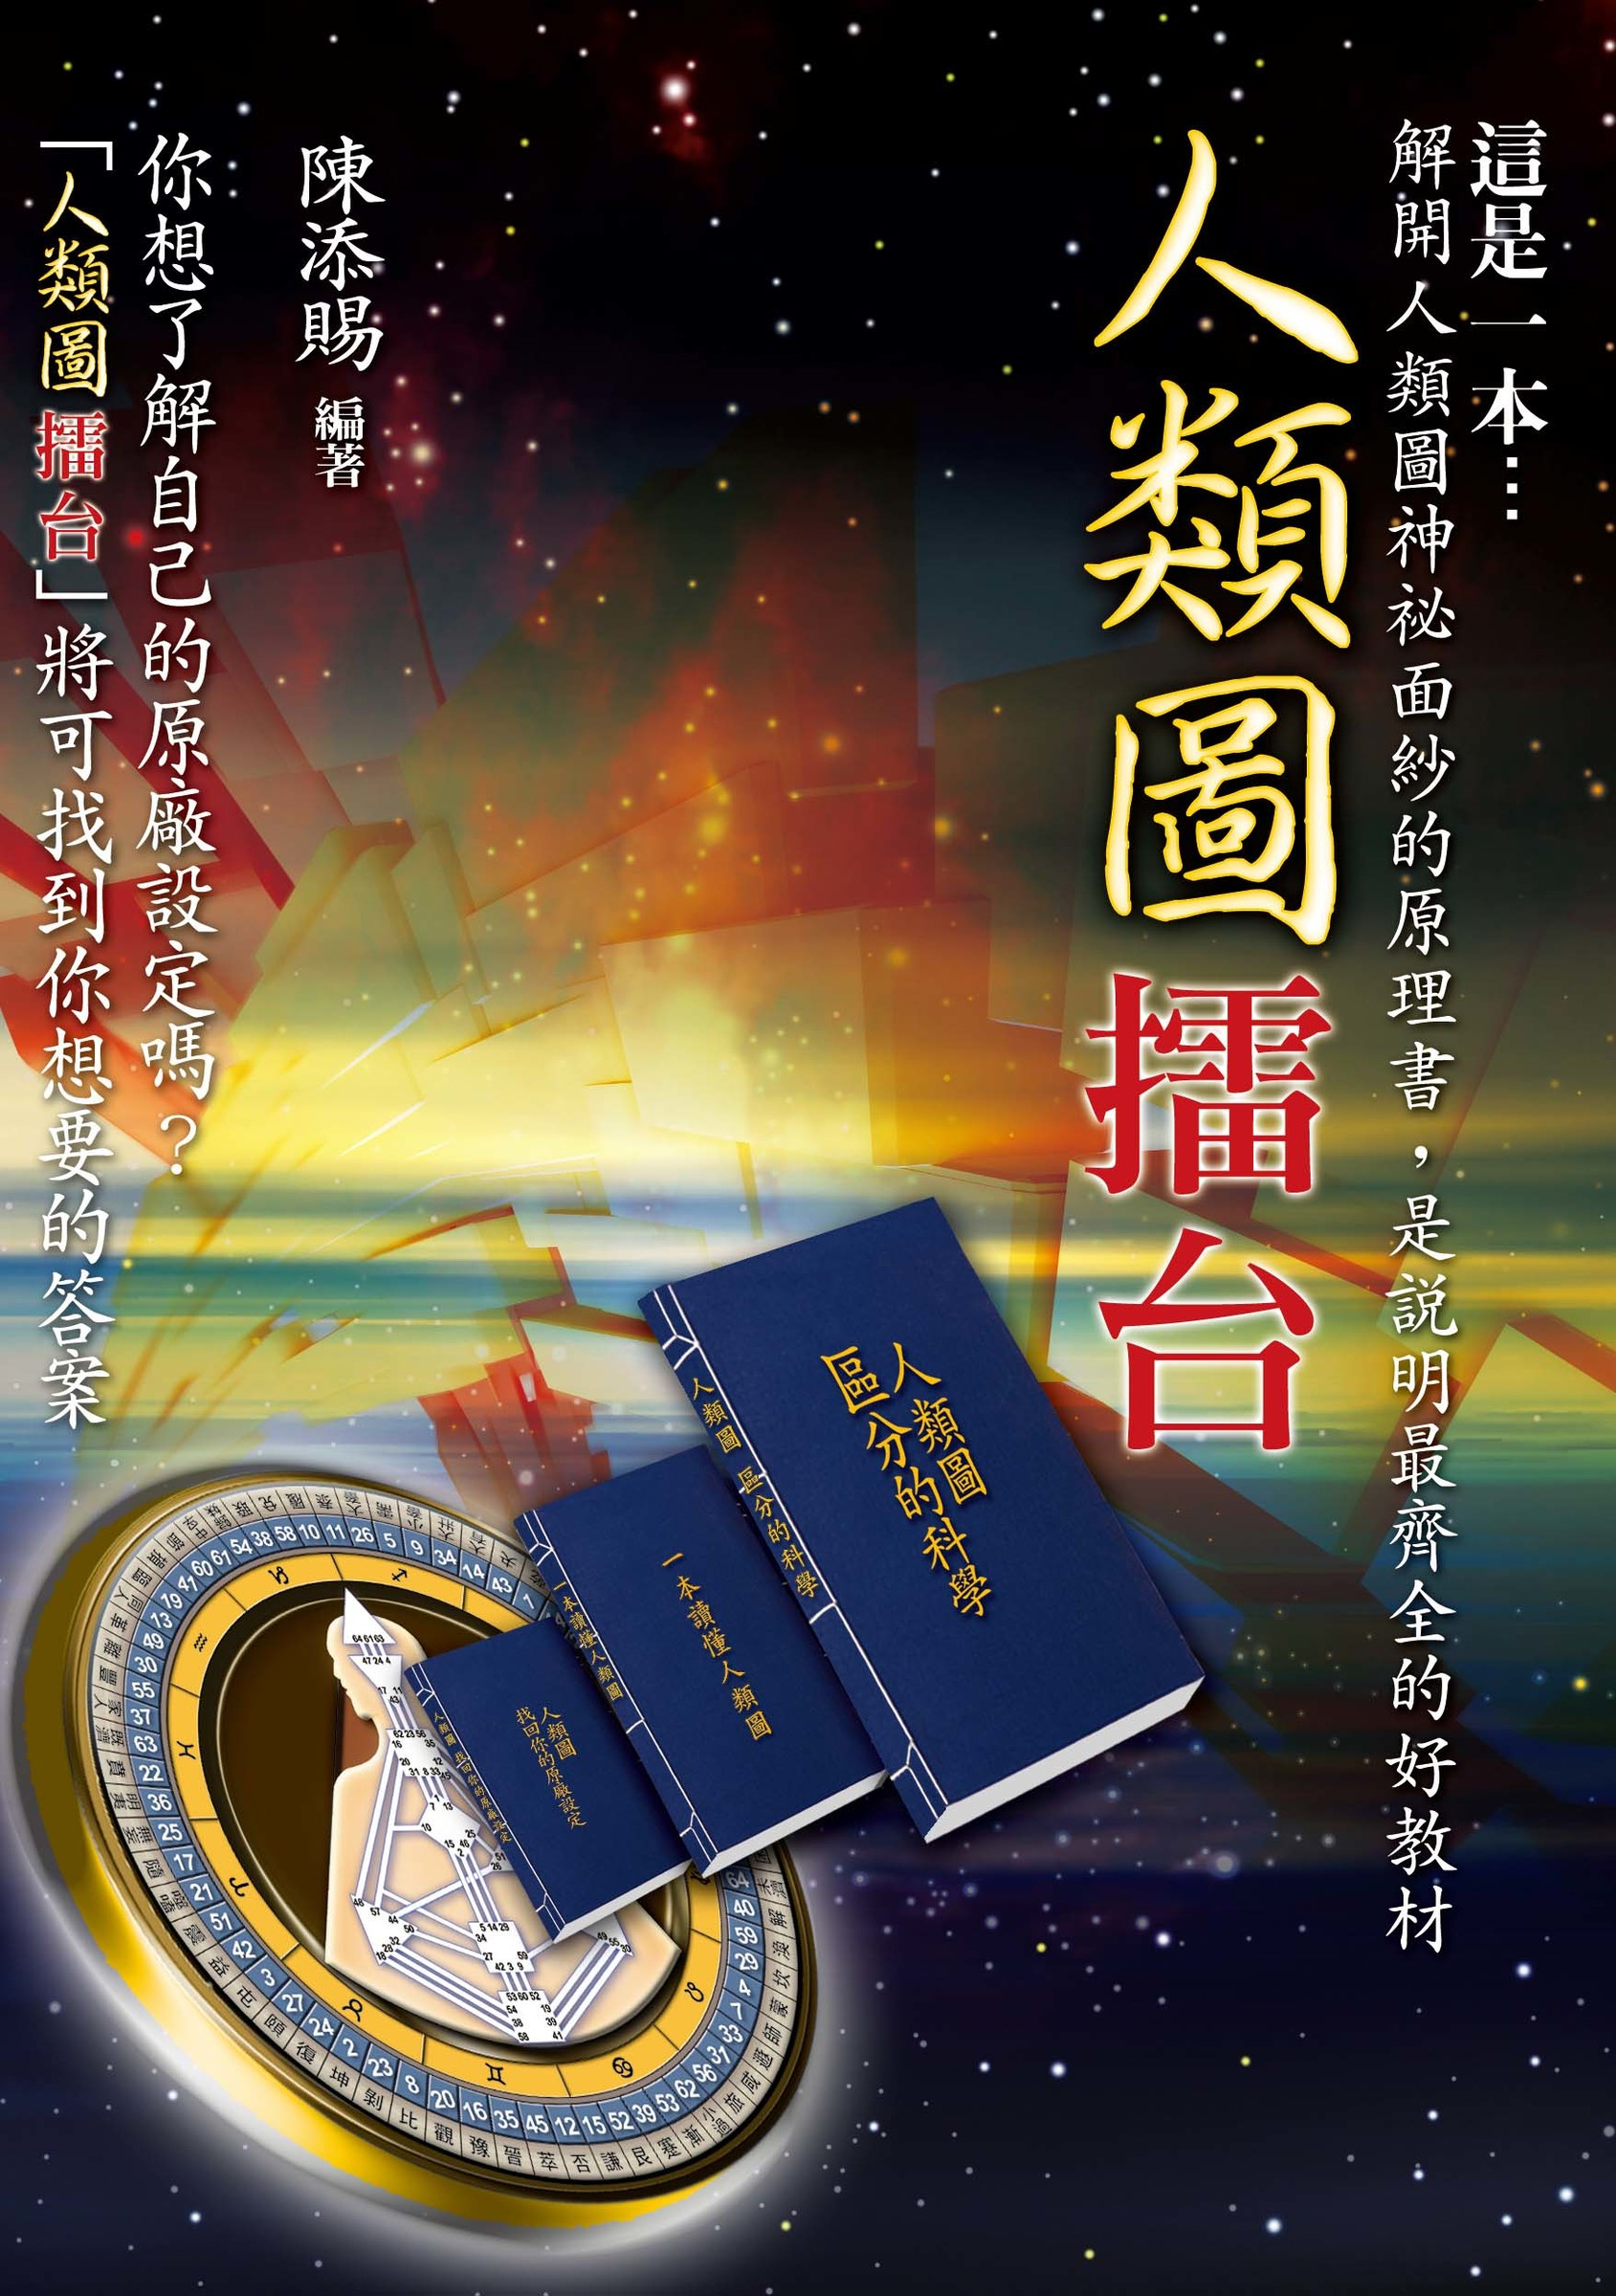 人類圖擂台-封面+上光 [轉換].jpg